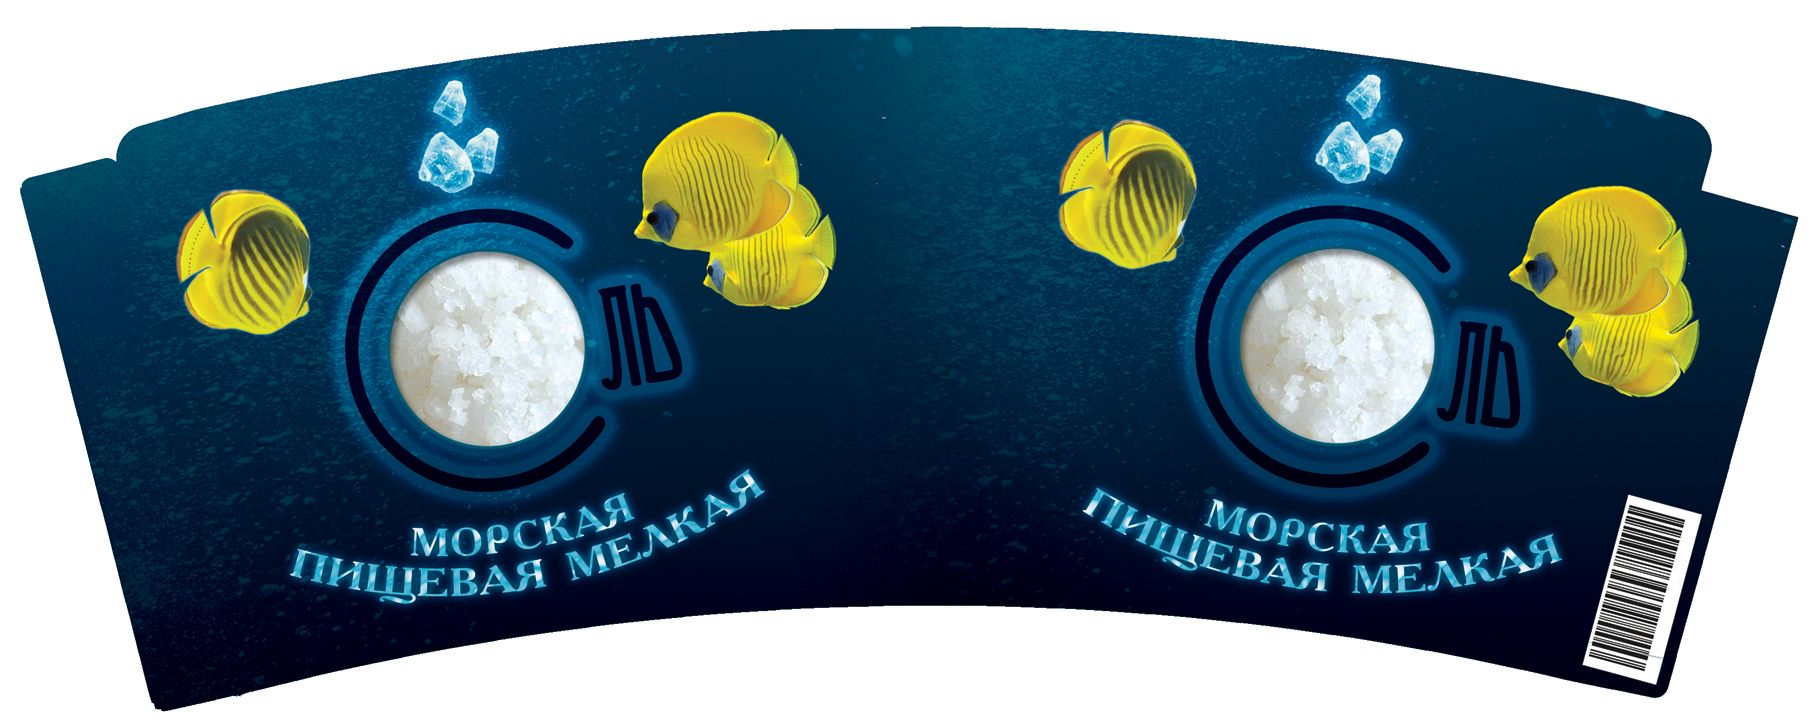 Дизайн этикетки для соли пищевой морской  - дизайнер mariasha01